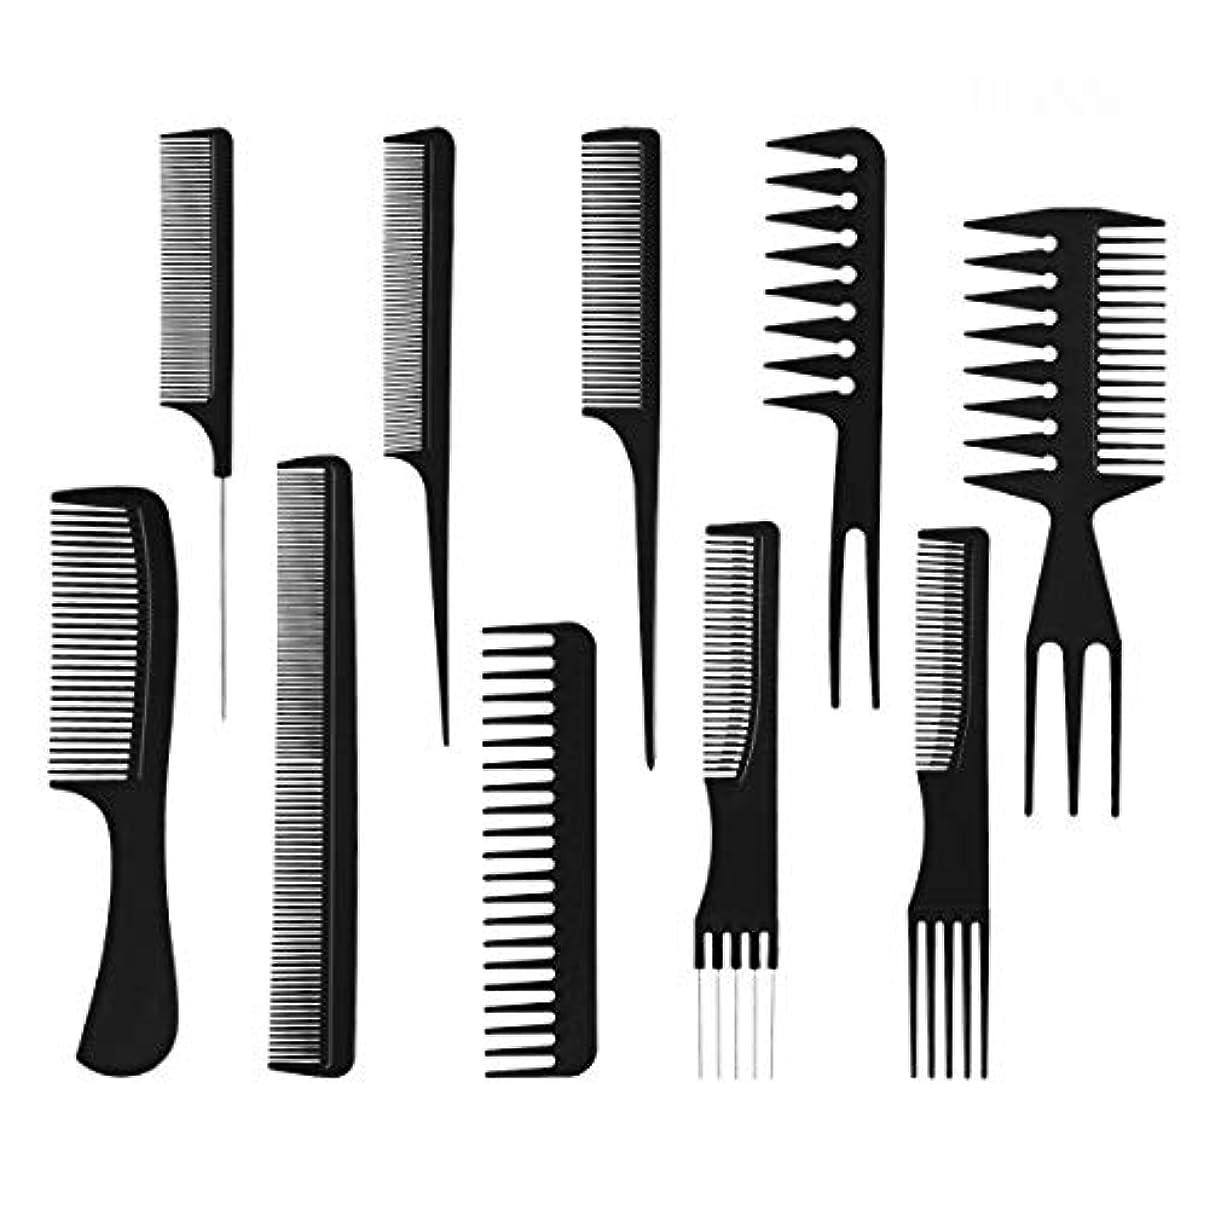 知っているに立ち寄る取る大胆不敵ZHER-LU ヘアブラシ ヘアコーム 髪櫛 プラスチック 理髪道具 美容ツール 美髪セット 美容 理容 散髪 美容師 専用 家庭用 静電気防止 ブラック 10本セット